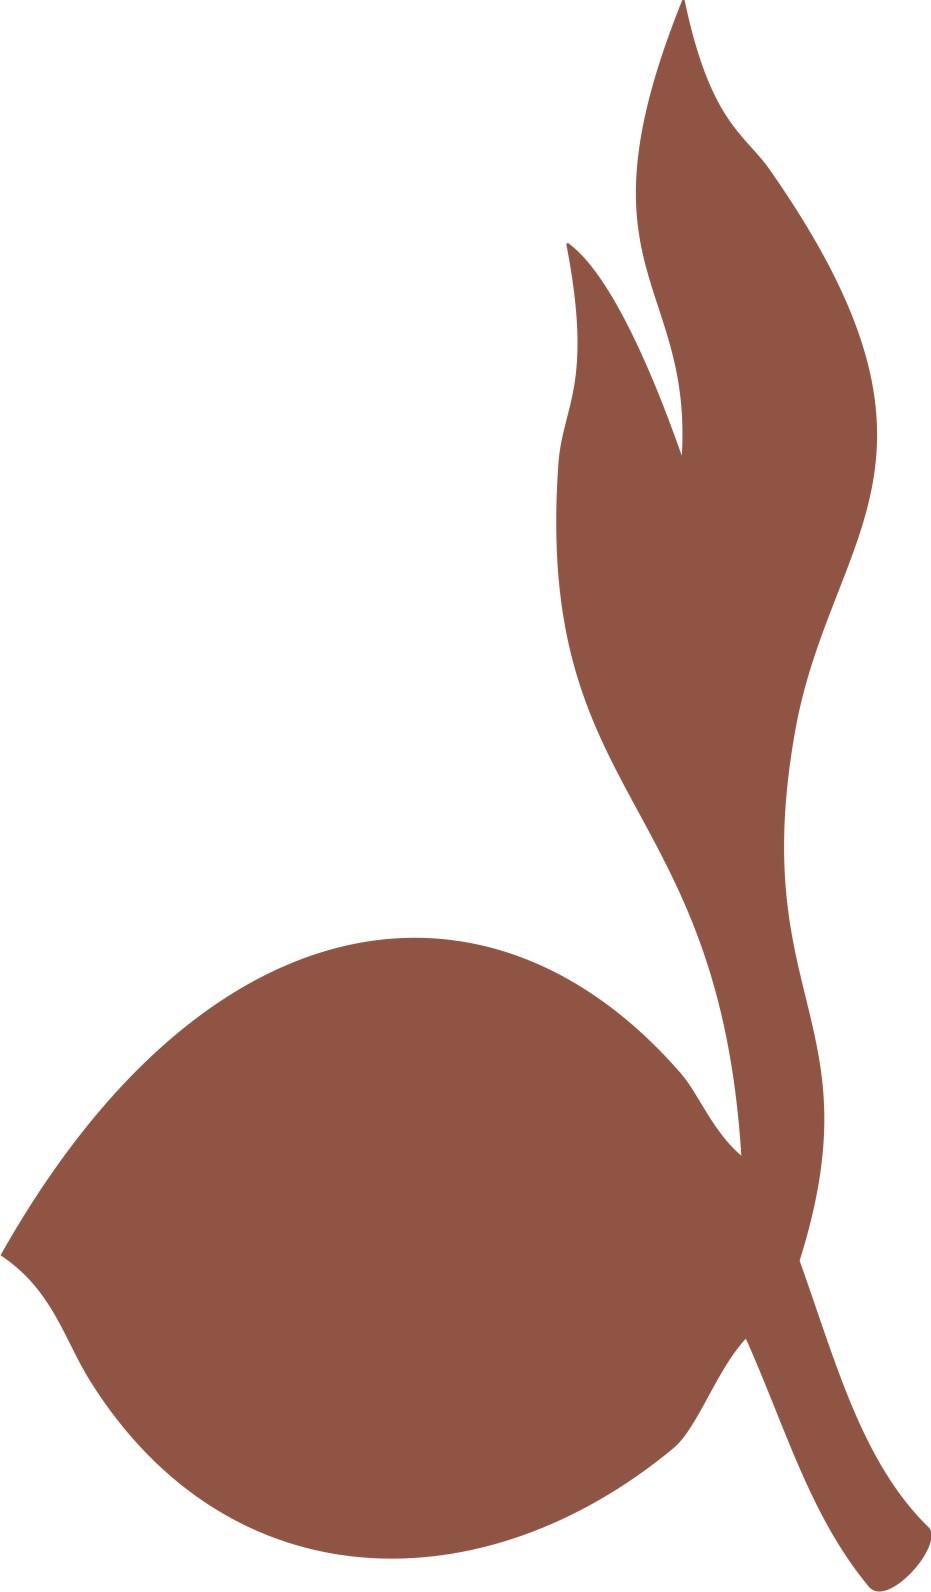 Lambang Pramuka Warna Coklat